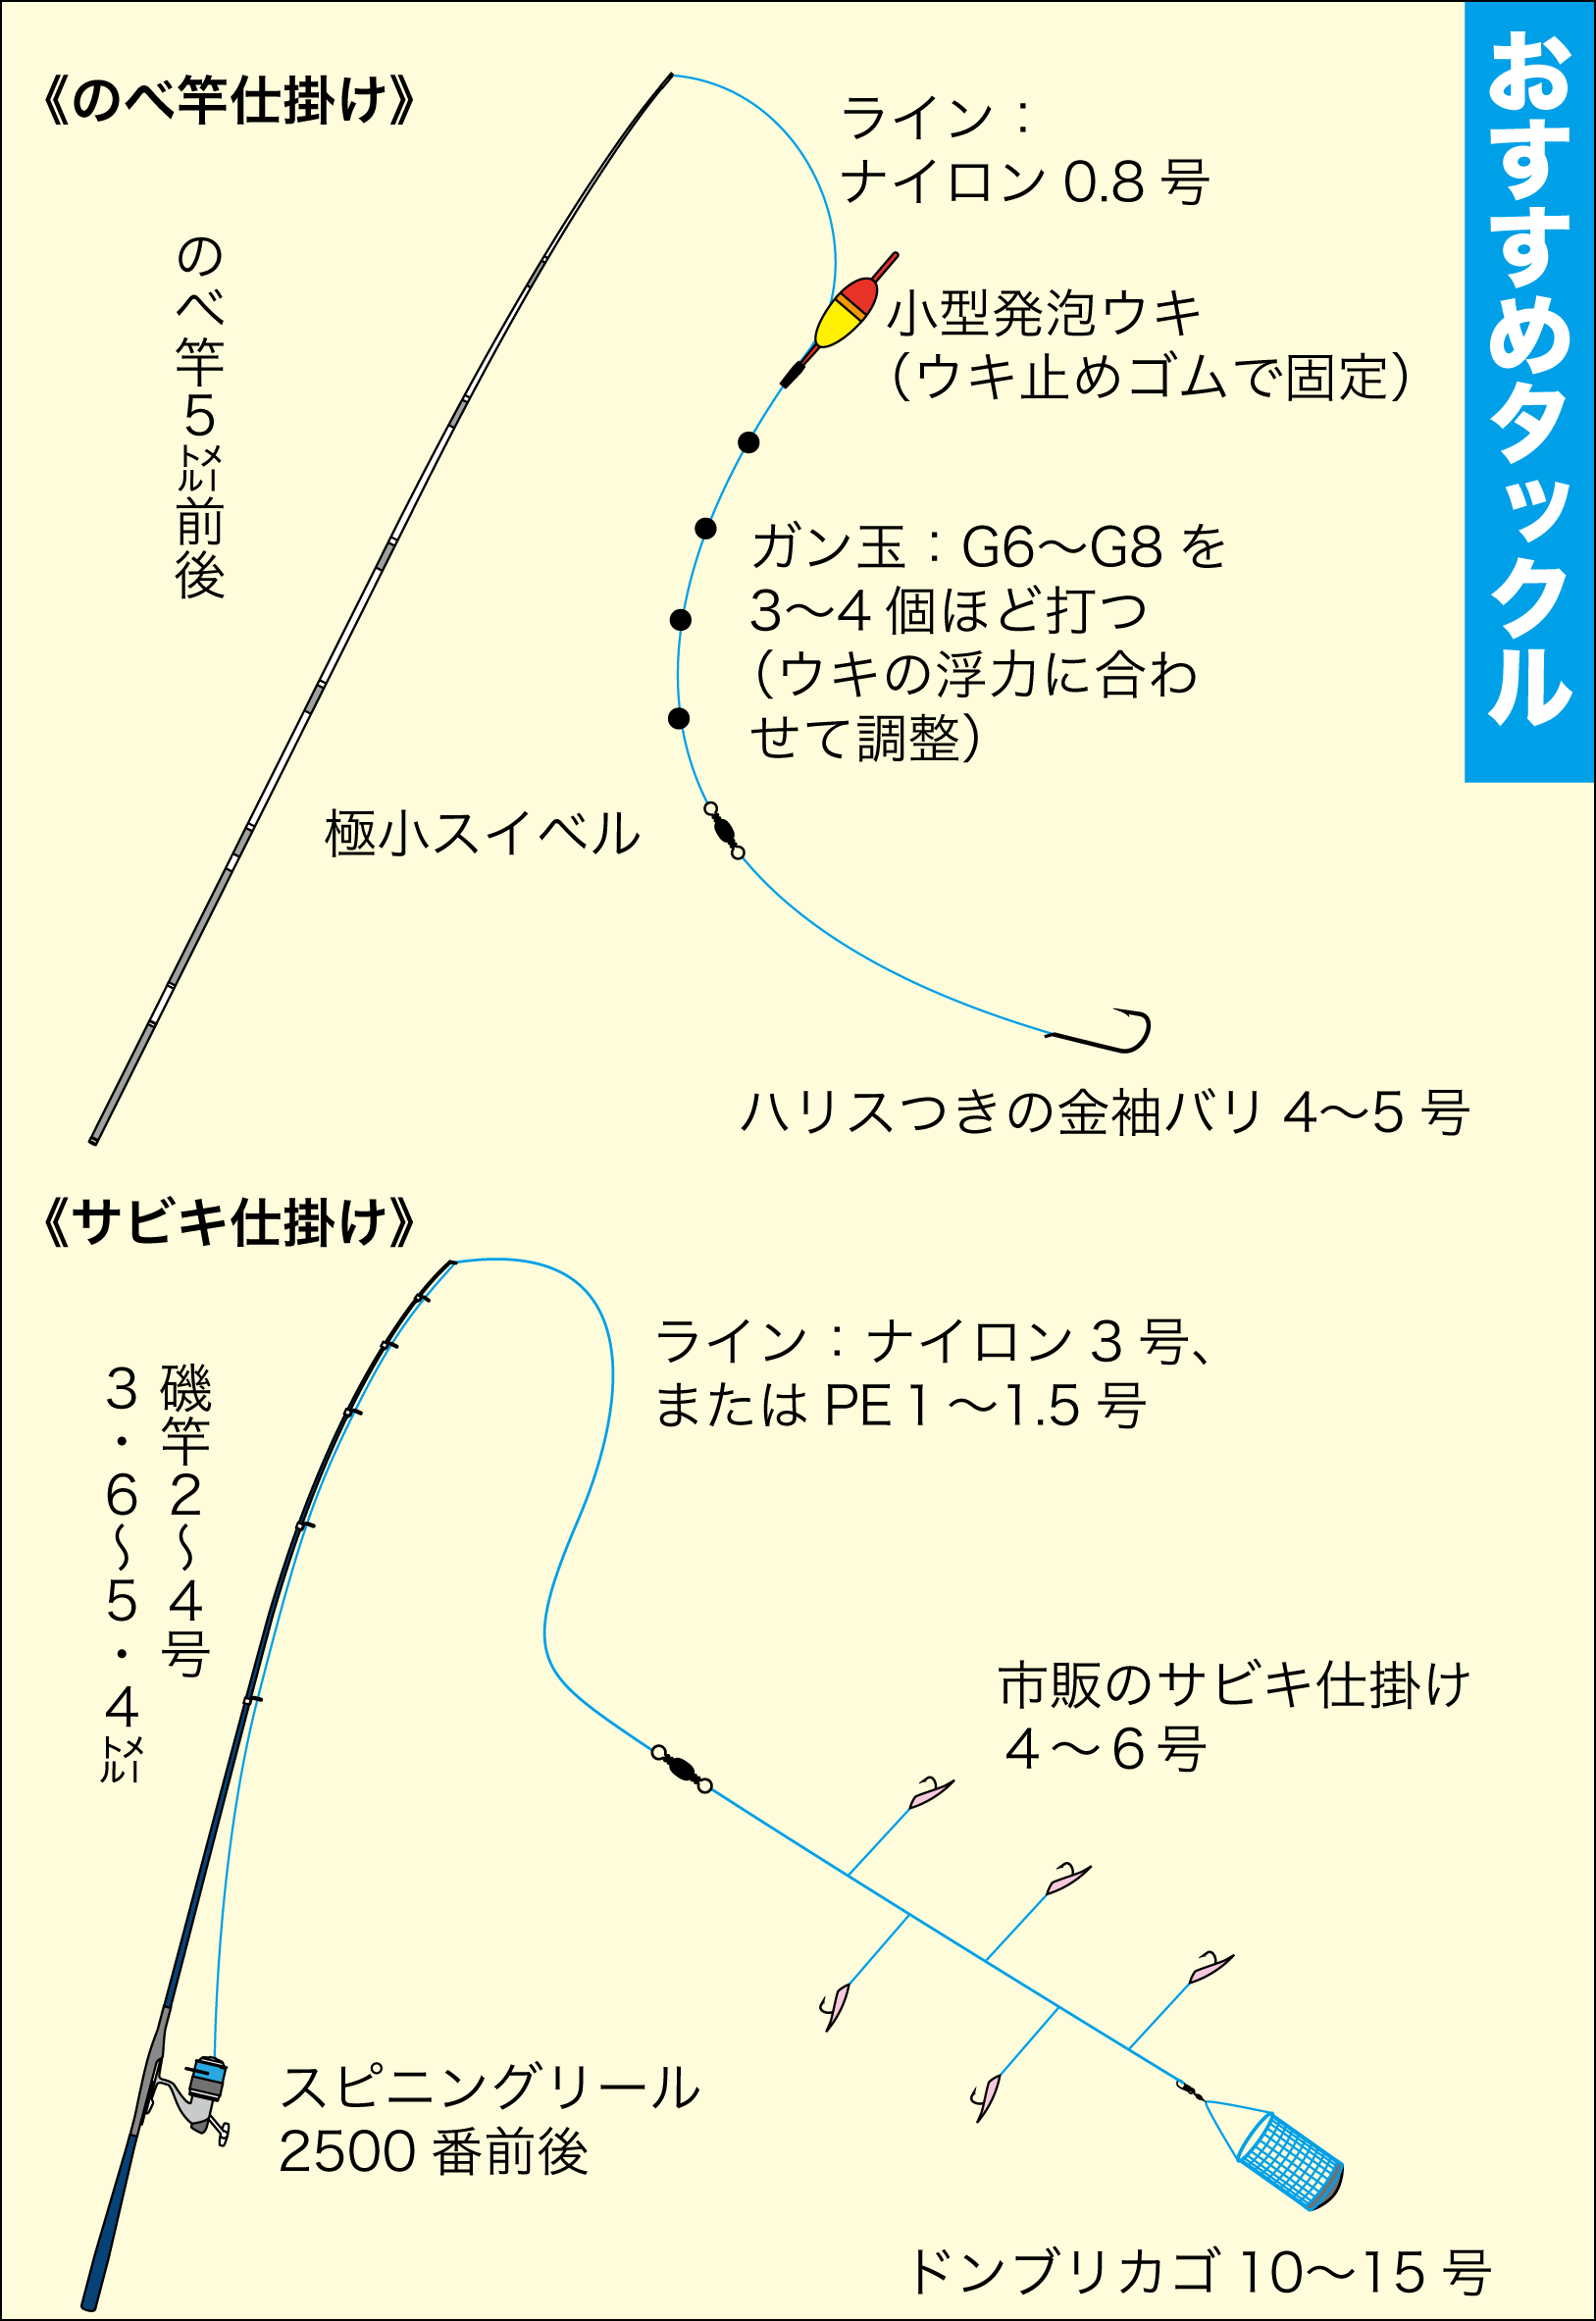 舞鶴親海公園でのタックル